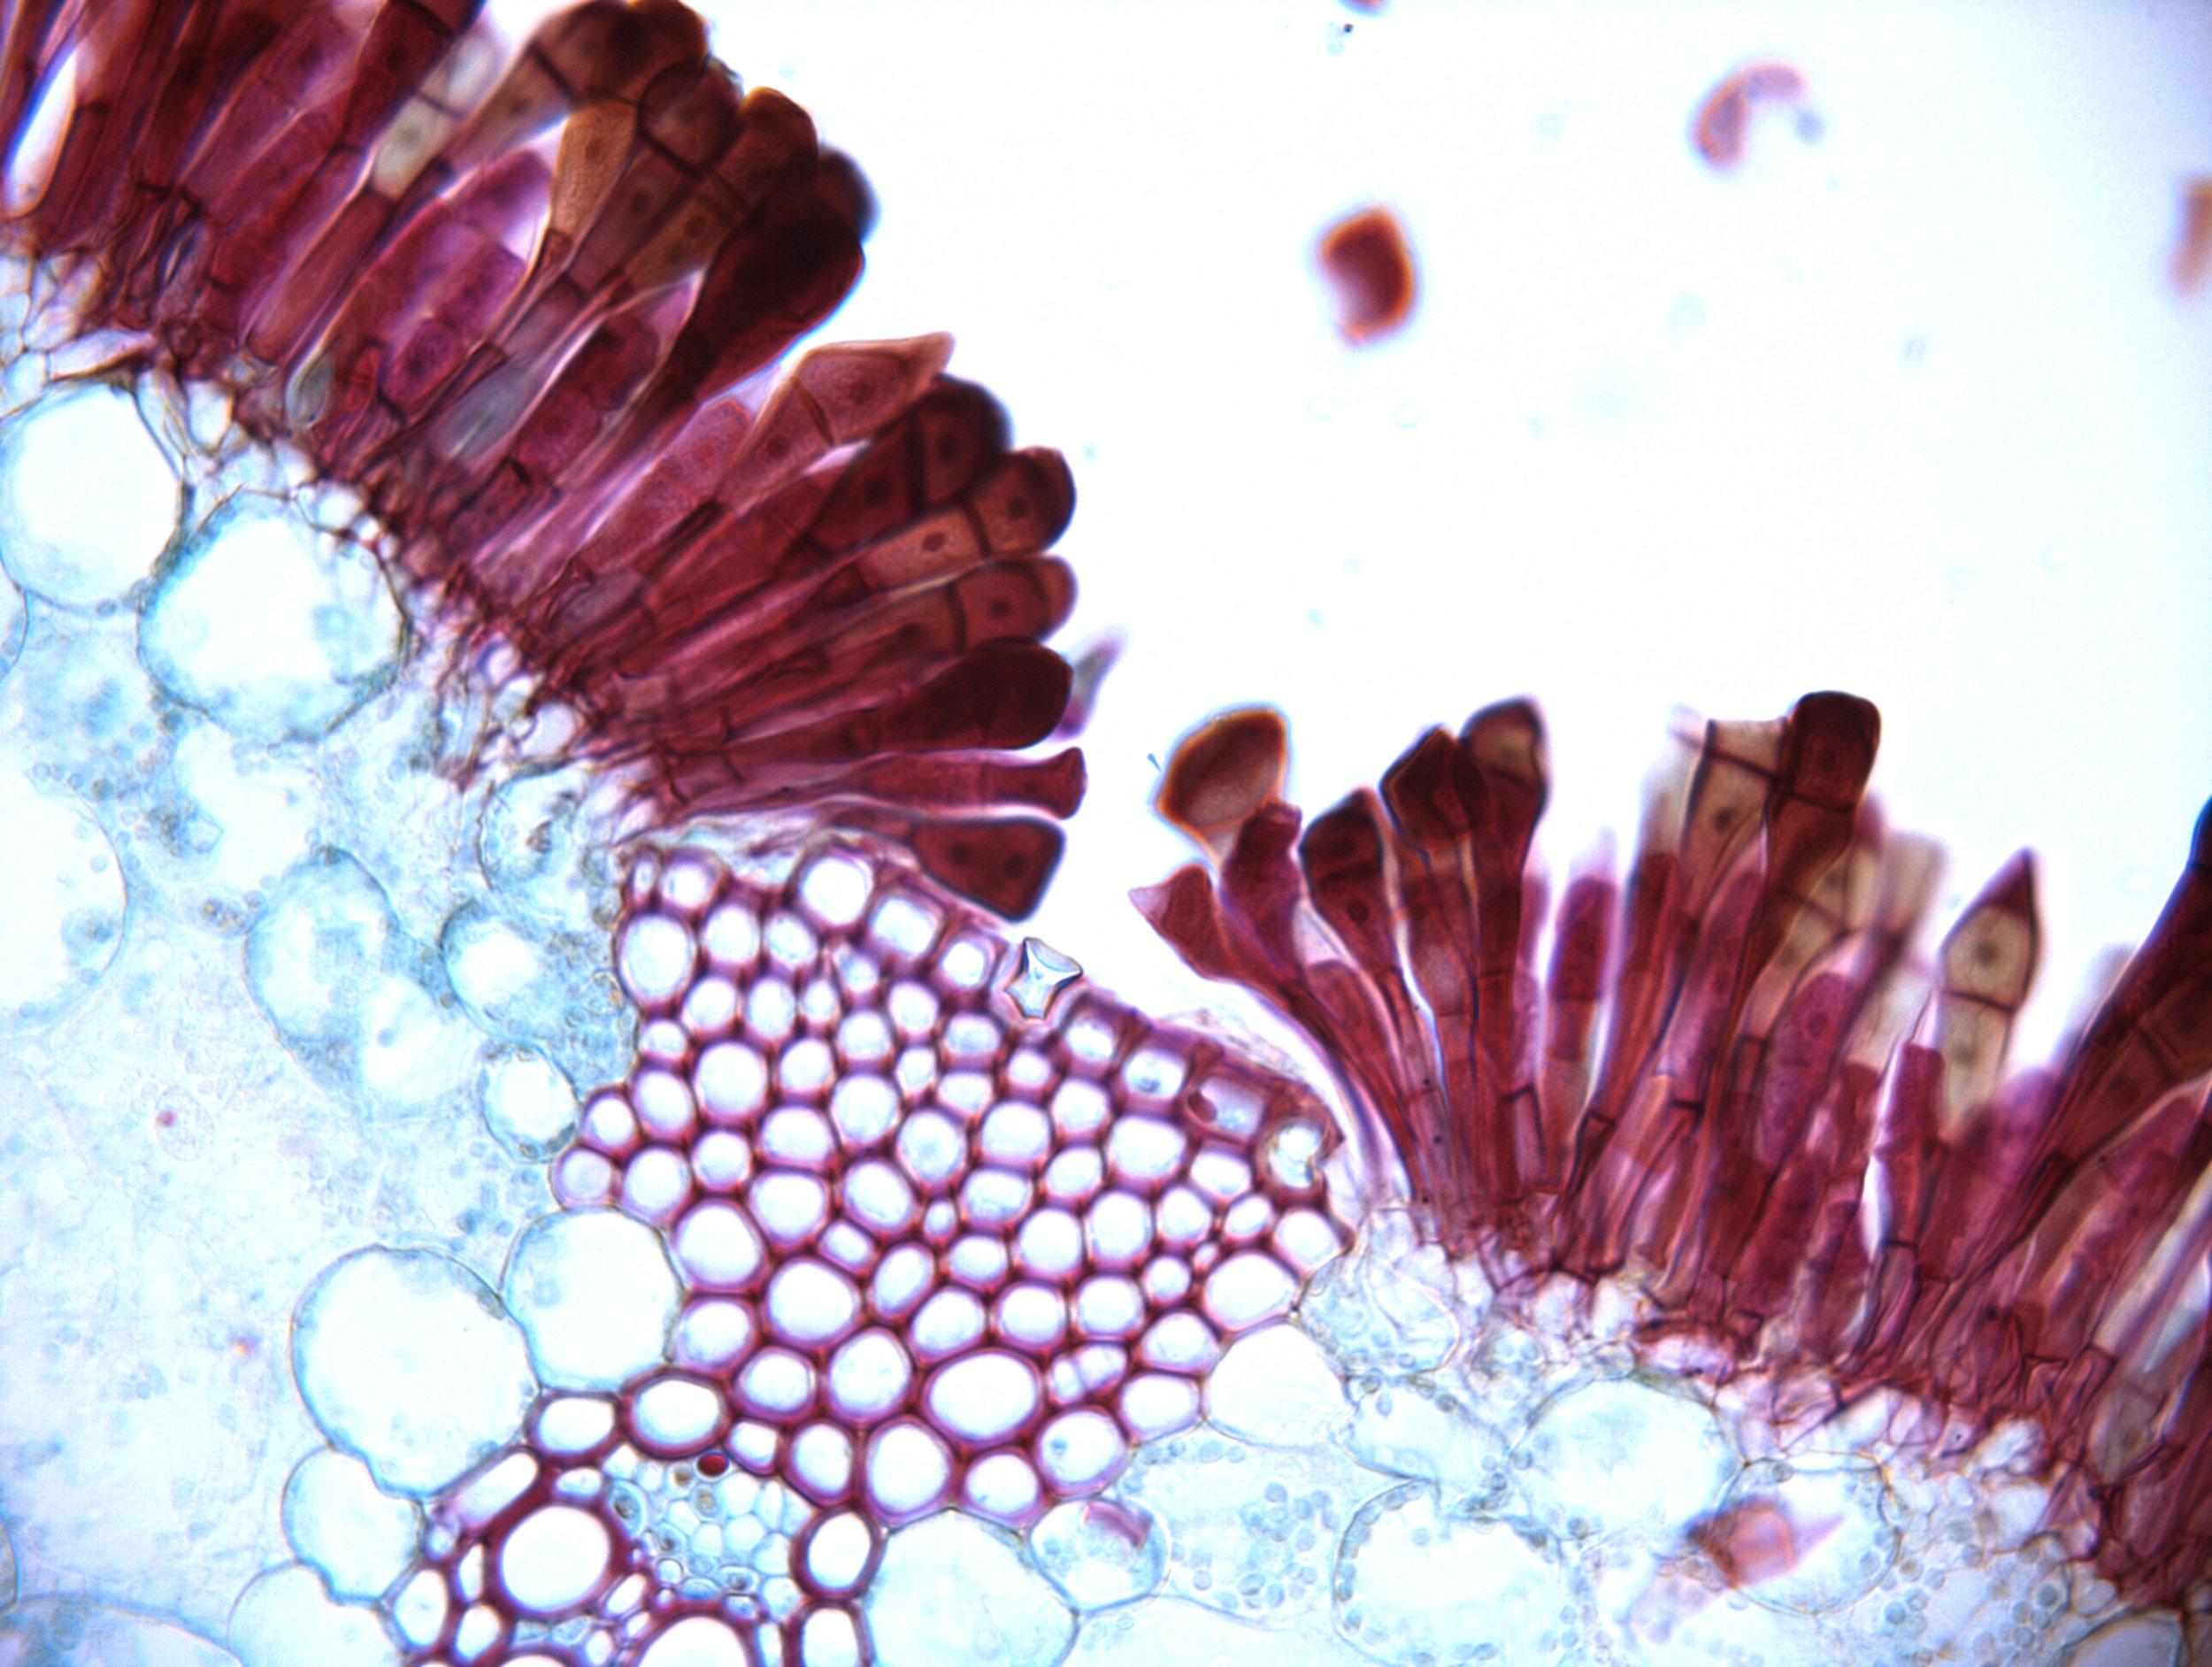 microscope img_01.jpg